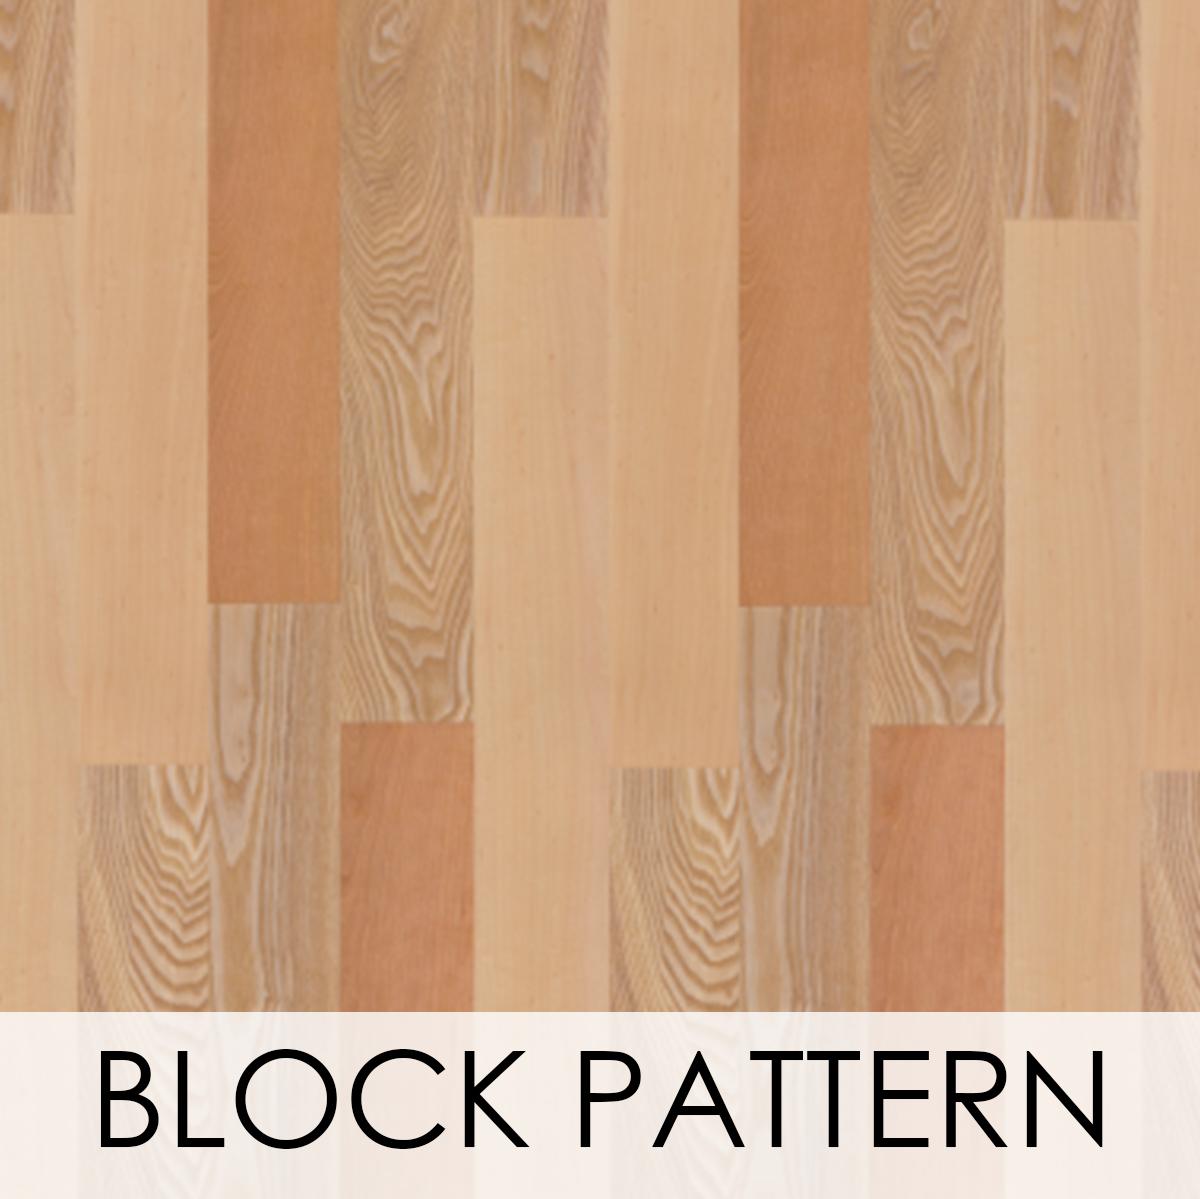 Block Pattern Wood Veneer Wallcovering